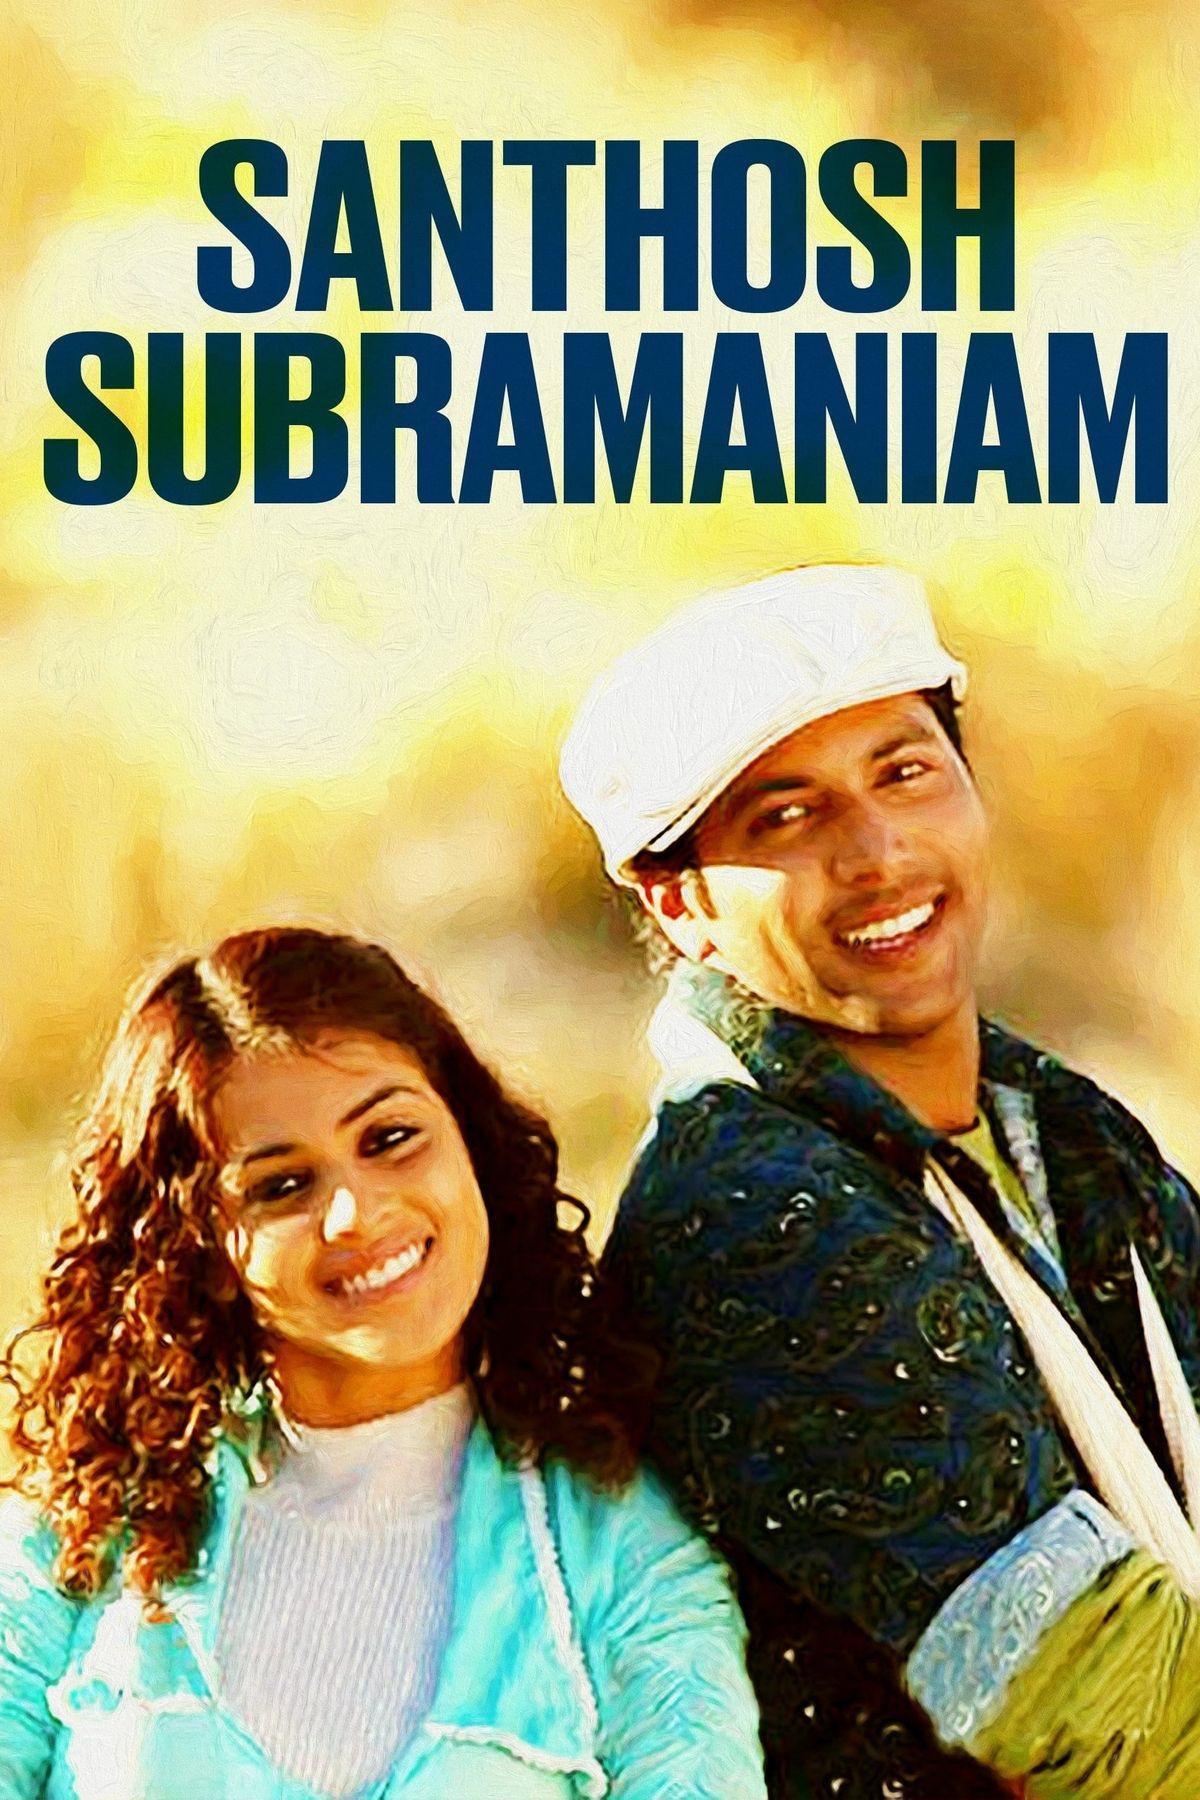 Santosh Subramaniam